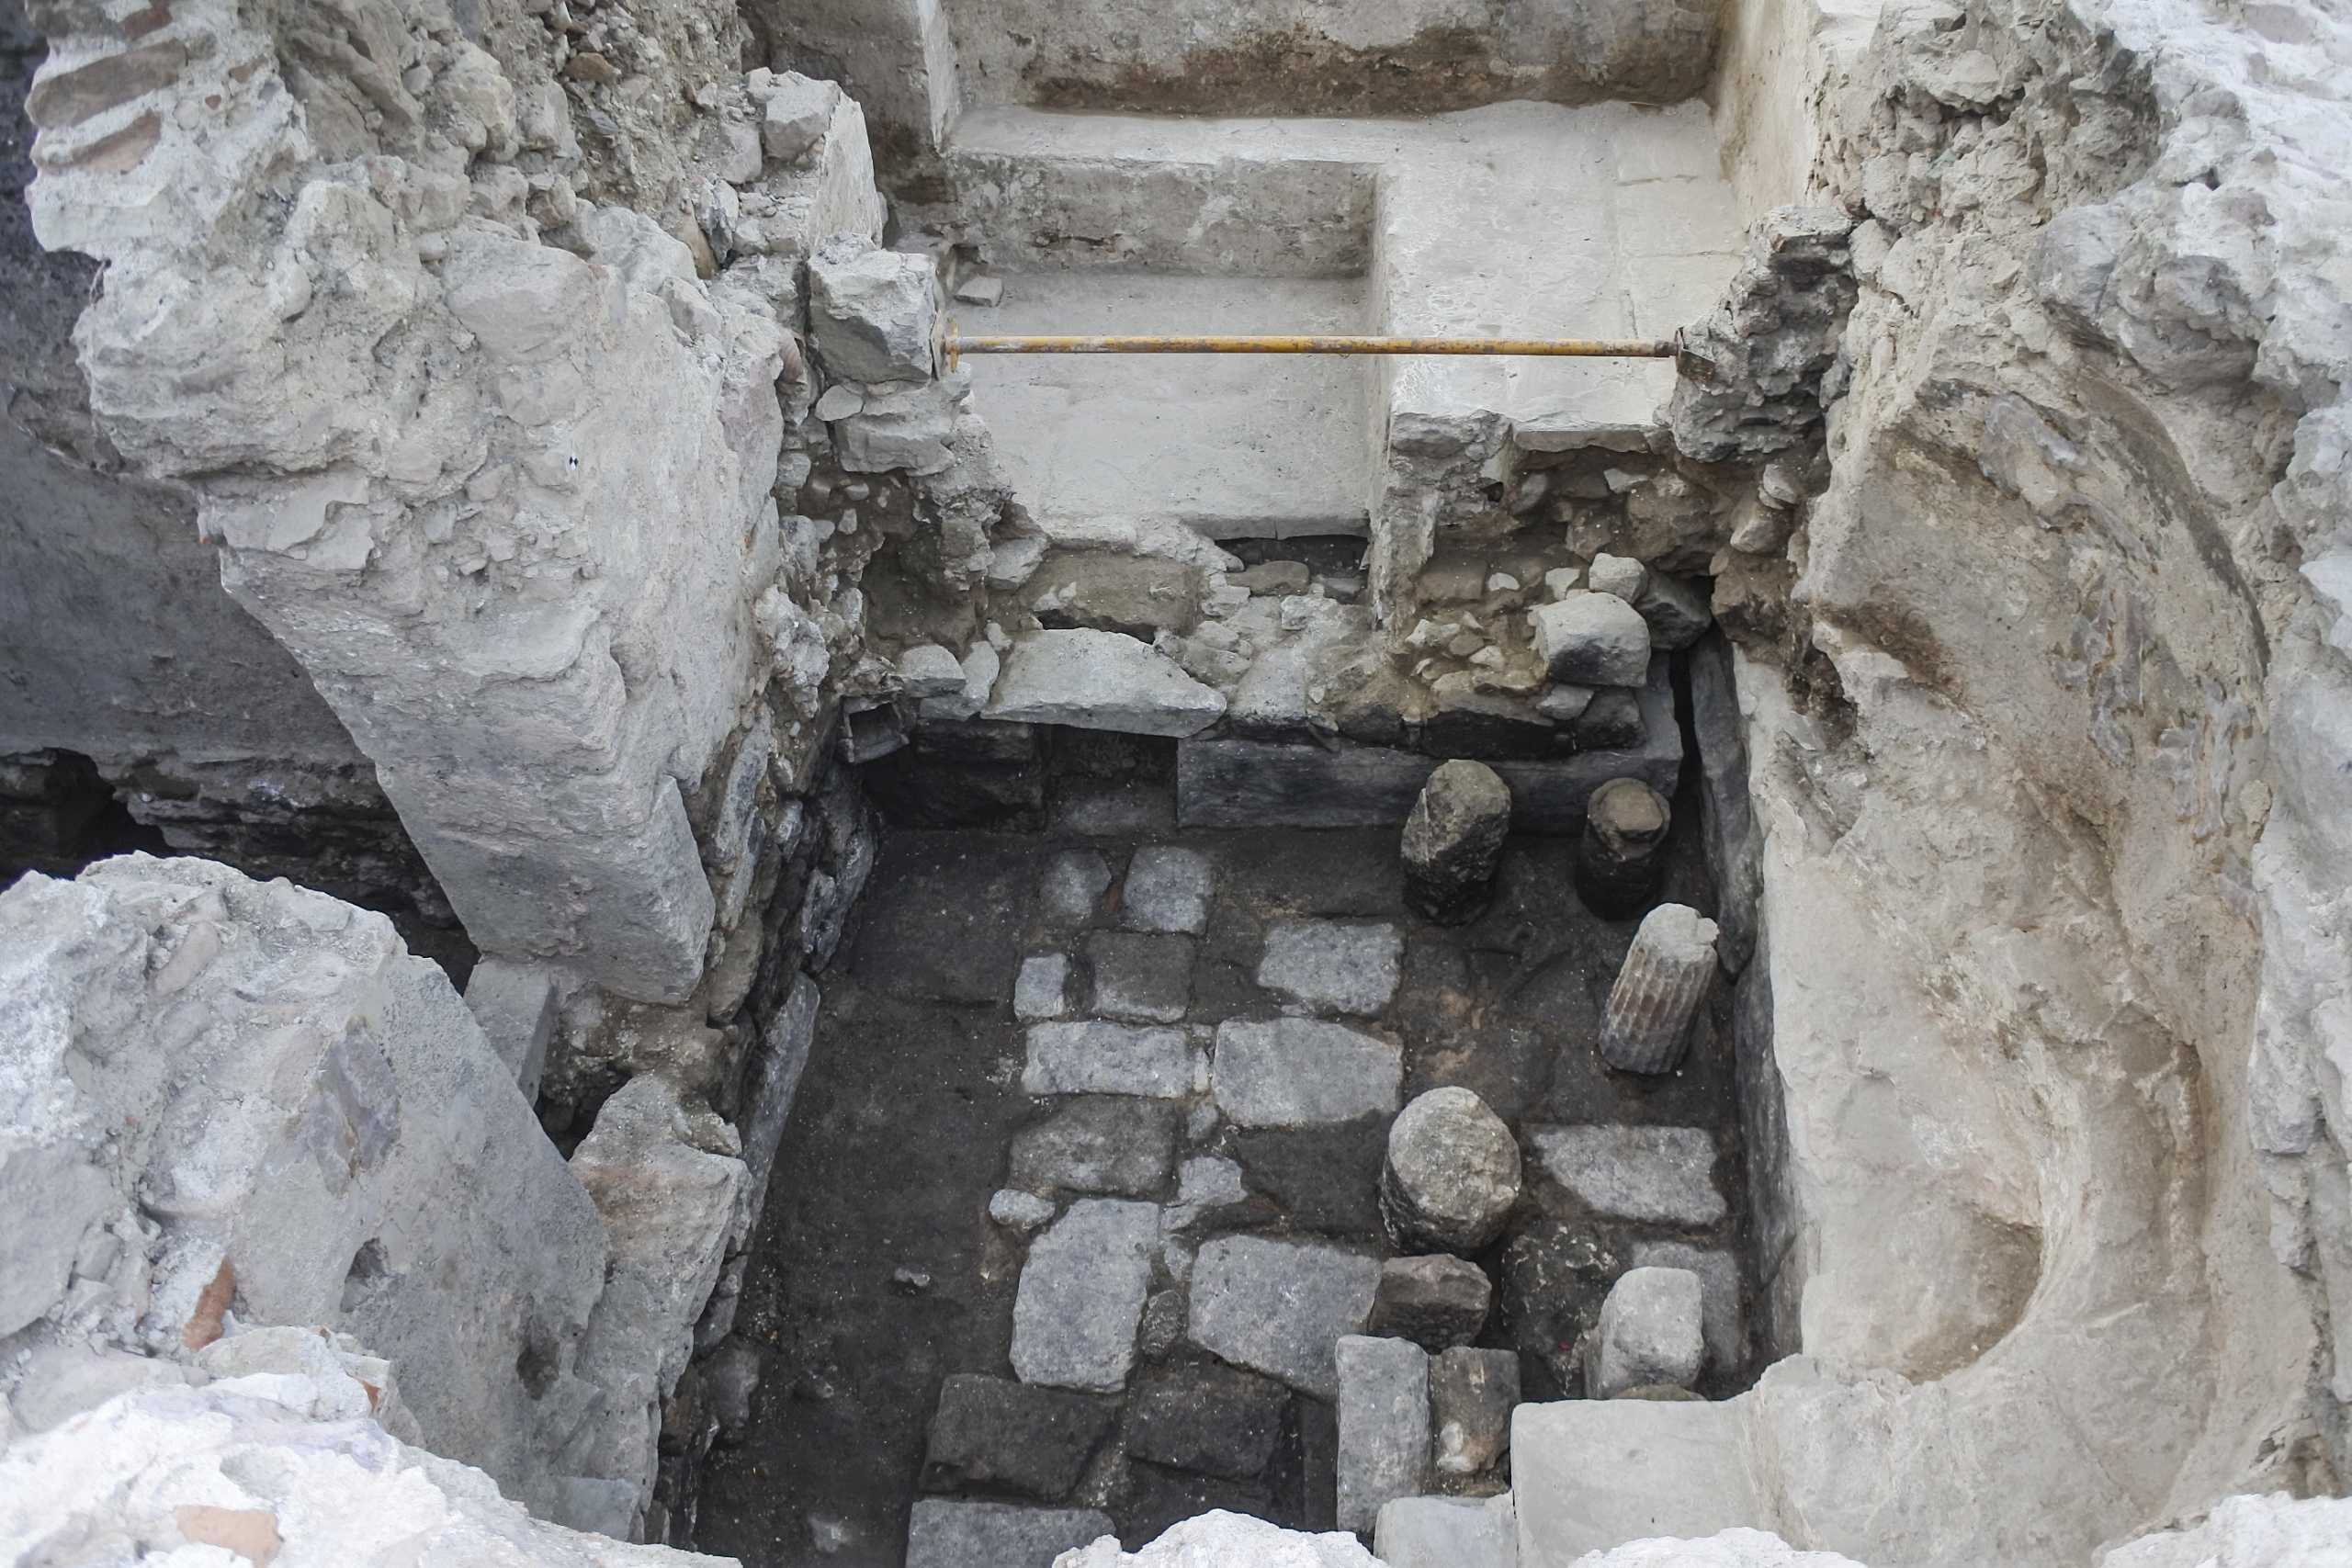 Λέσβος: Νέα αρχαιολογικά στοιχεία για το Κάτω Κάστρο Μυτιλήνης δίνουν οι πρόσφατες ανακαλύψεις στο μνημείο